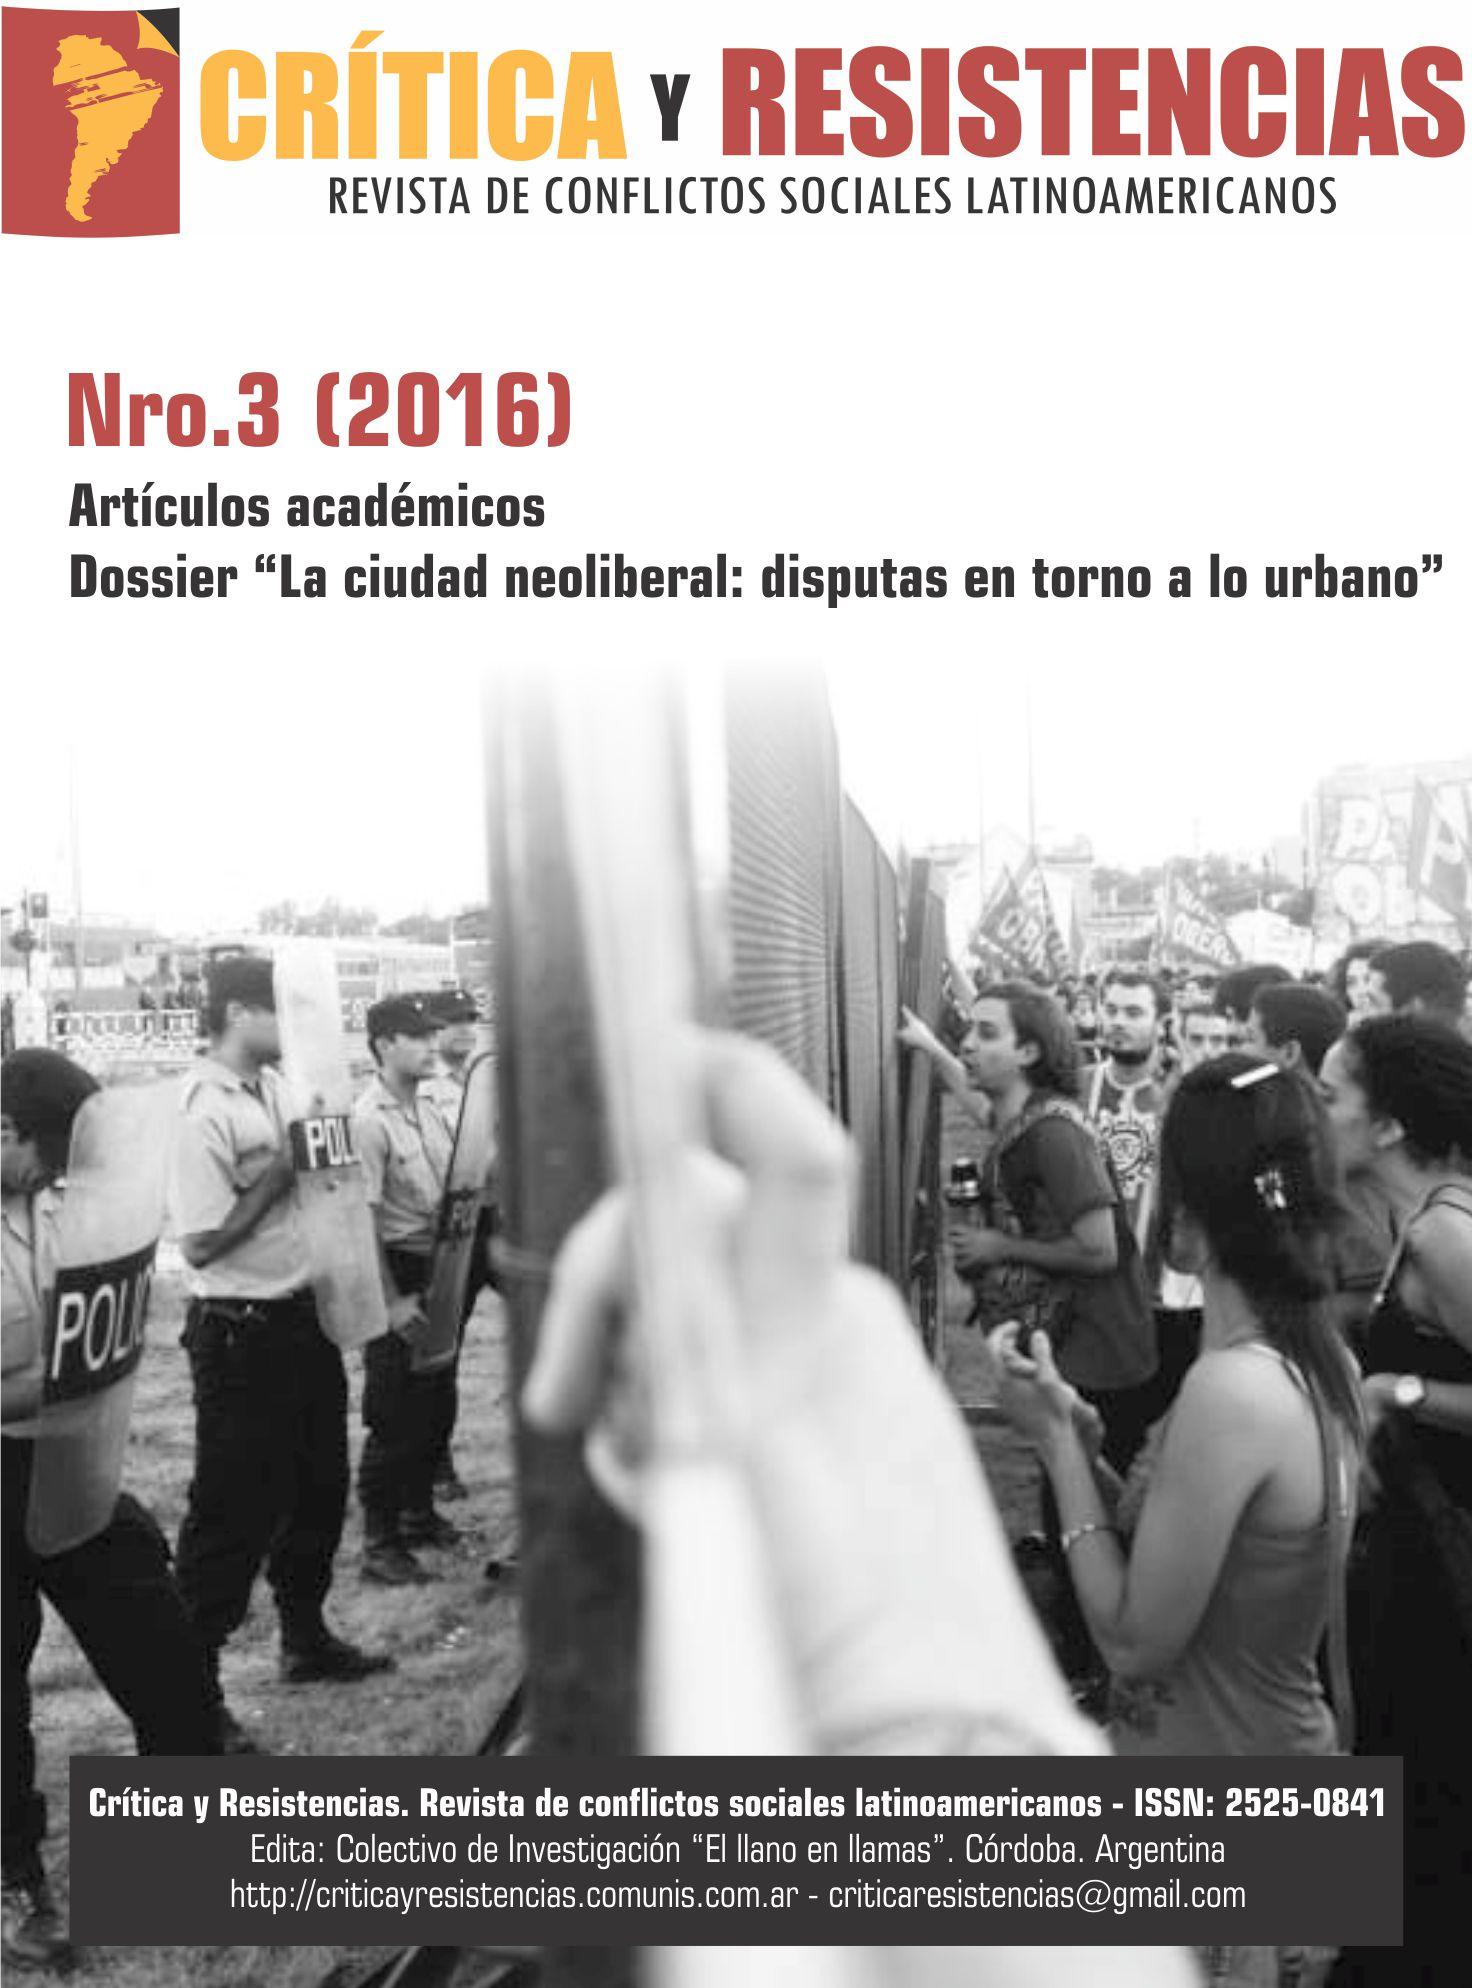 Portada de Revista Crítica y Resistencias Nº 3 (2016)